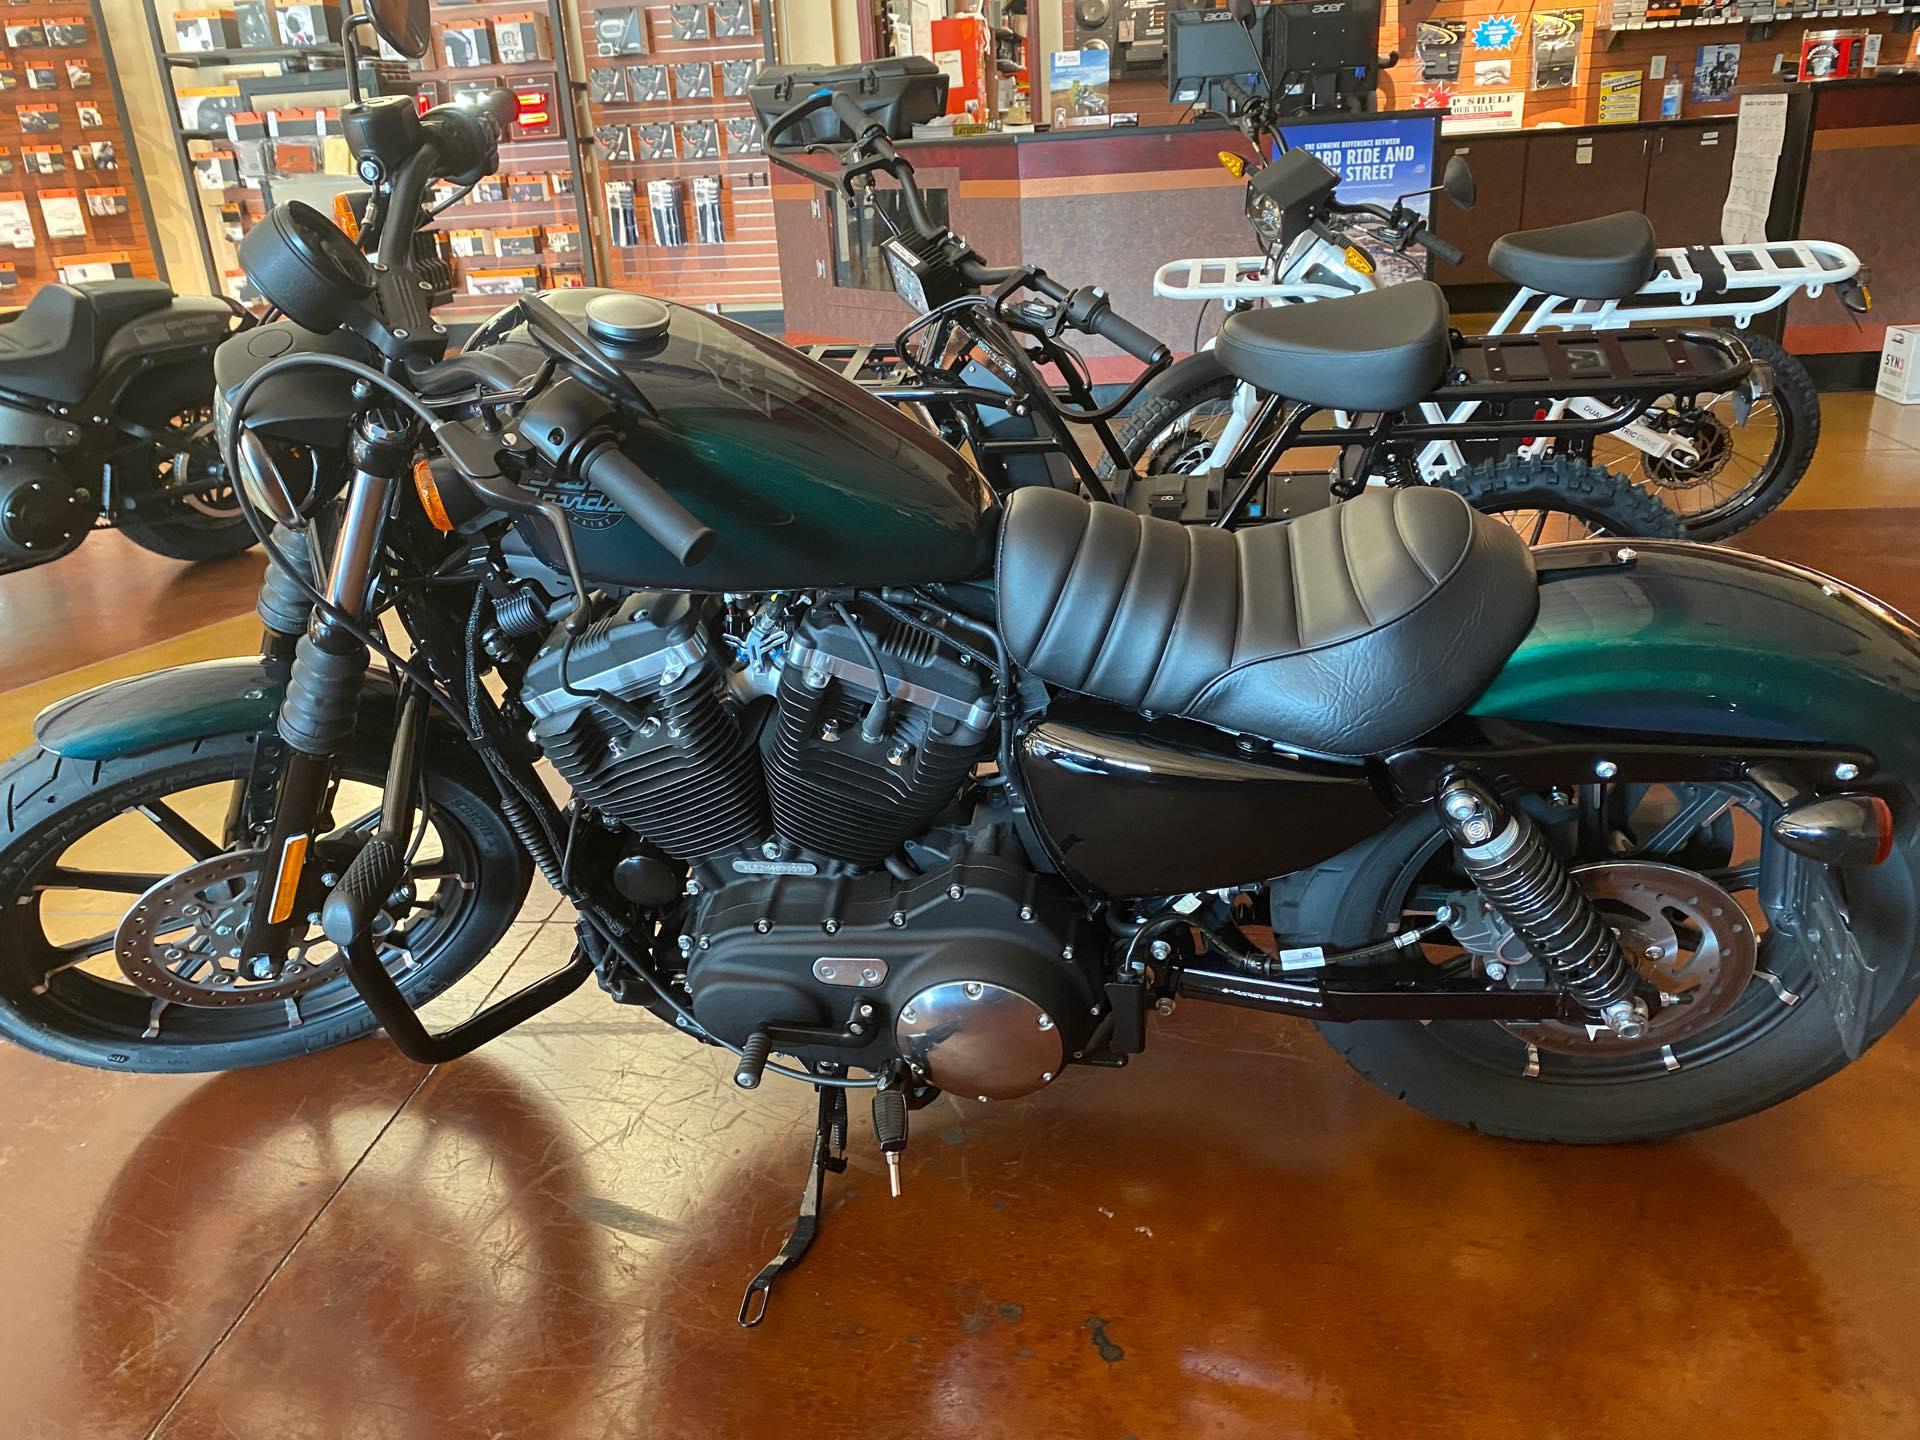 2021 Harley-Davidson Cruiser XL 883N Iron 883 at Gold Star Harley-Davidson